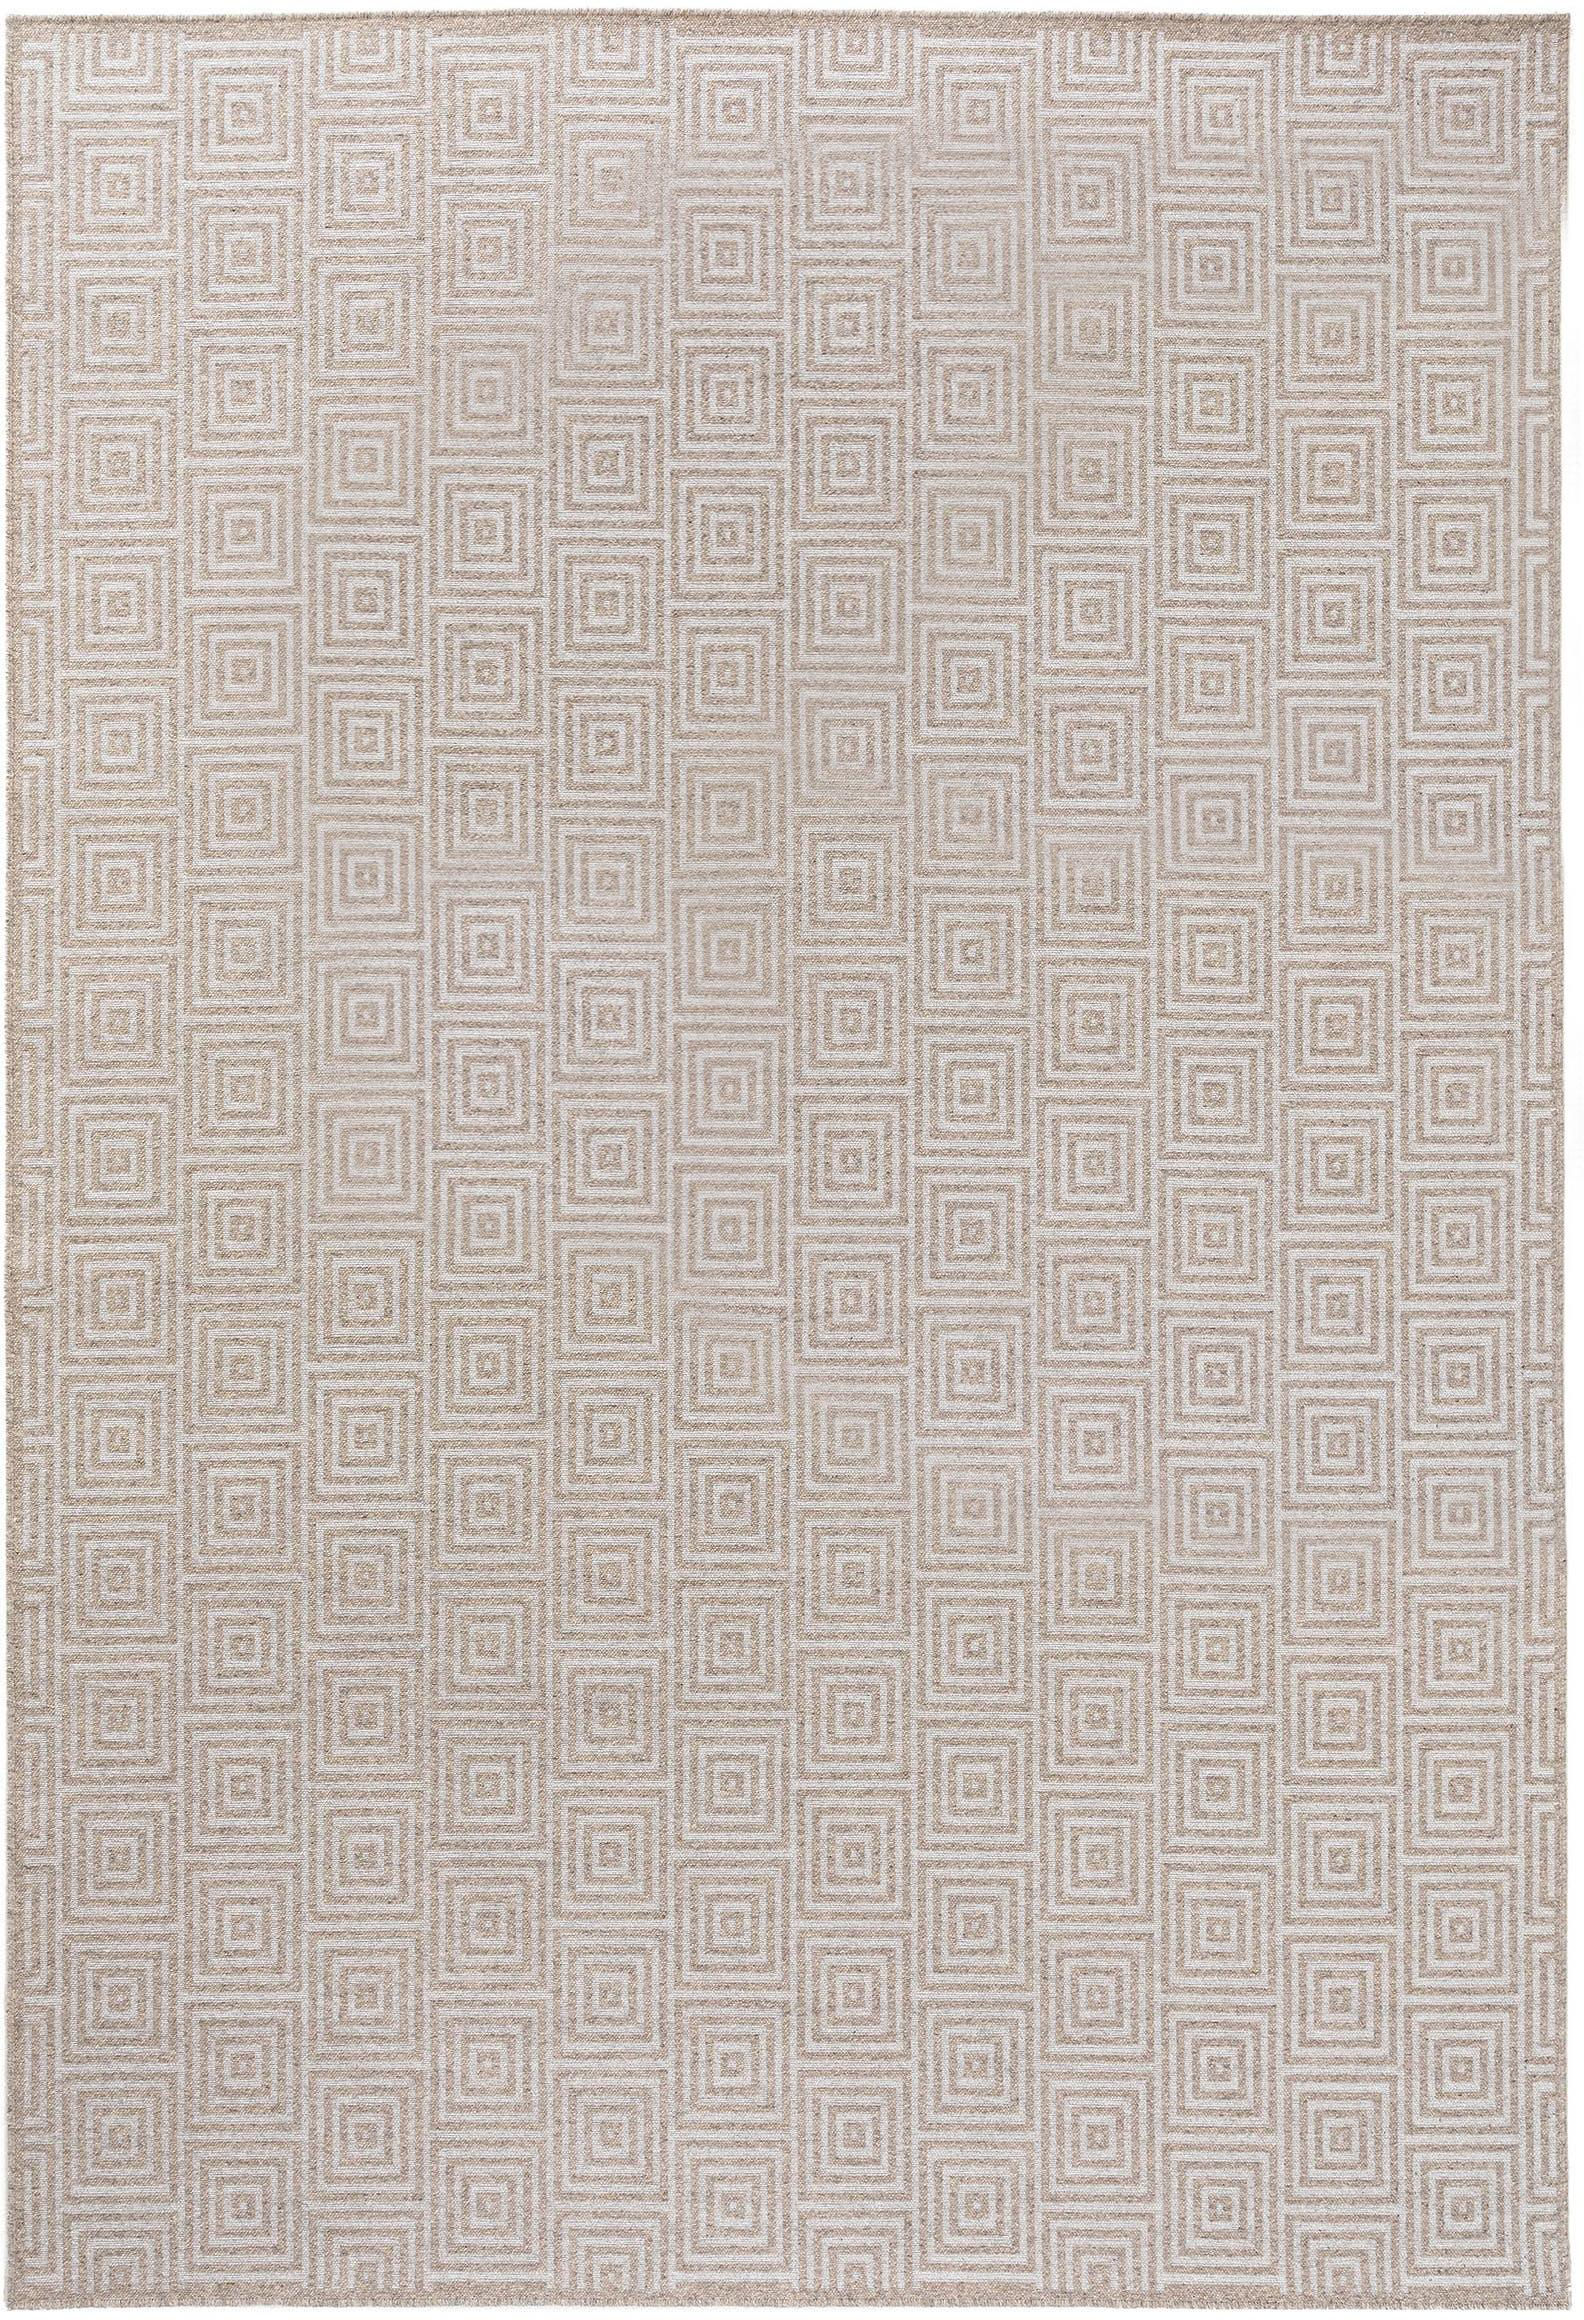 Tappeto di lana Jacob, 70% lana, 30% viscosa, Grigio chiaro, beige, Larg. 120 x Lung. 170 cm (taglia S)